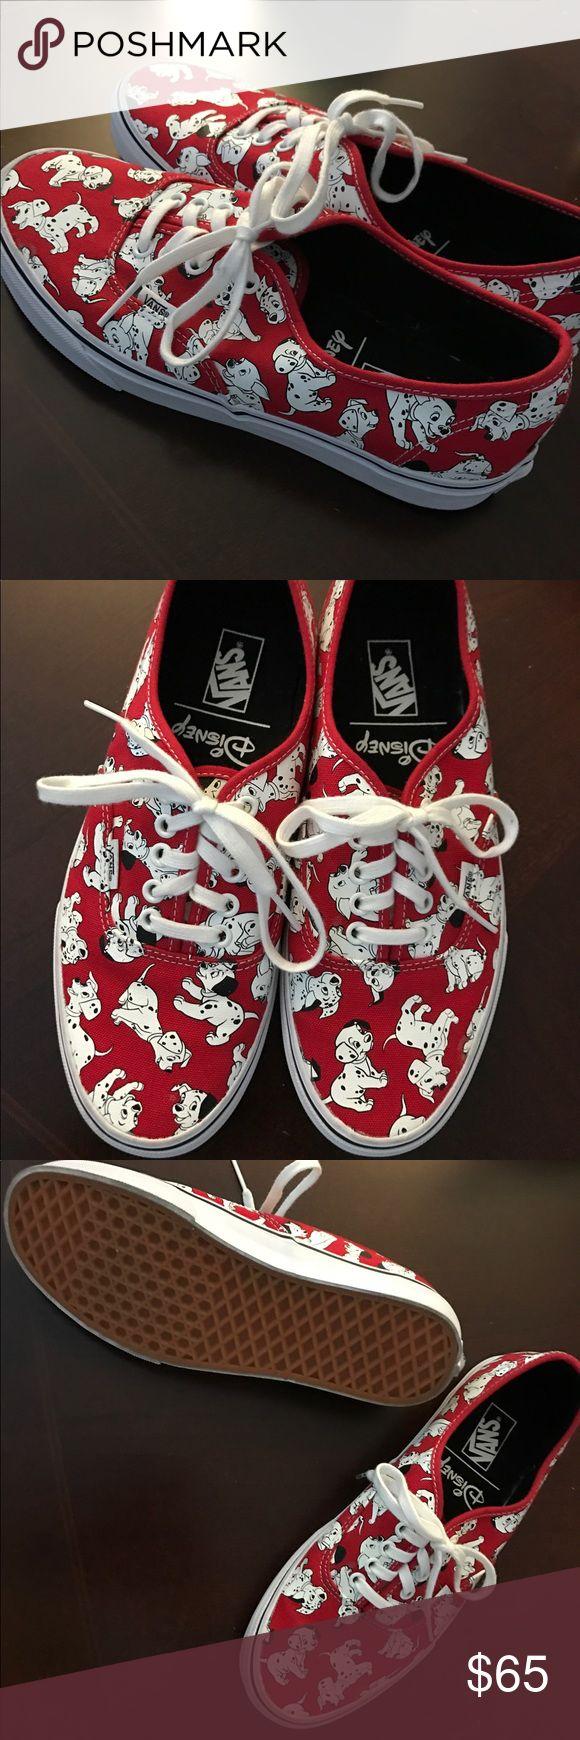 HOT & STYLISH AUTHENTIC DISNEY 101 DALMATIANS VANS 👀👀NEW SUPER HOT AND STYLISH AUTHENTIC DISNEY 101 DALMATIANS VANS👀👀.  UNISEX.  MENS 9    WOMENS 10 1/2.       NO LOW BALLING!!! Vans Shoes